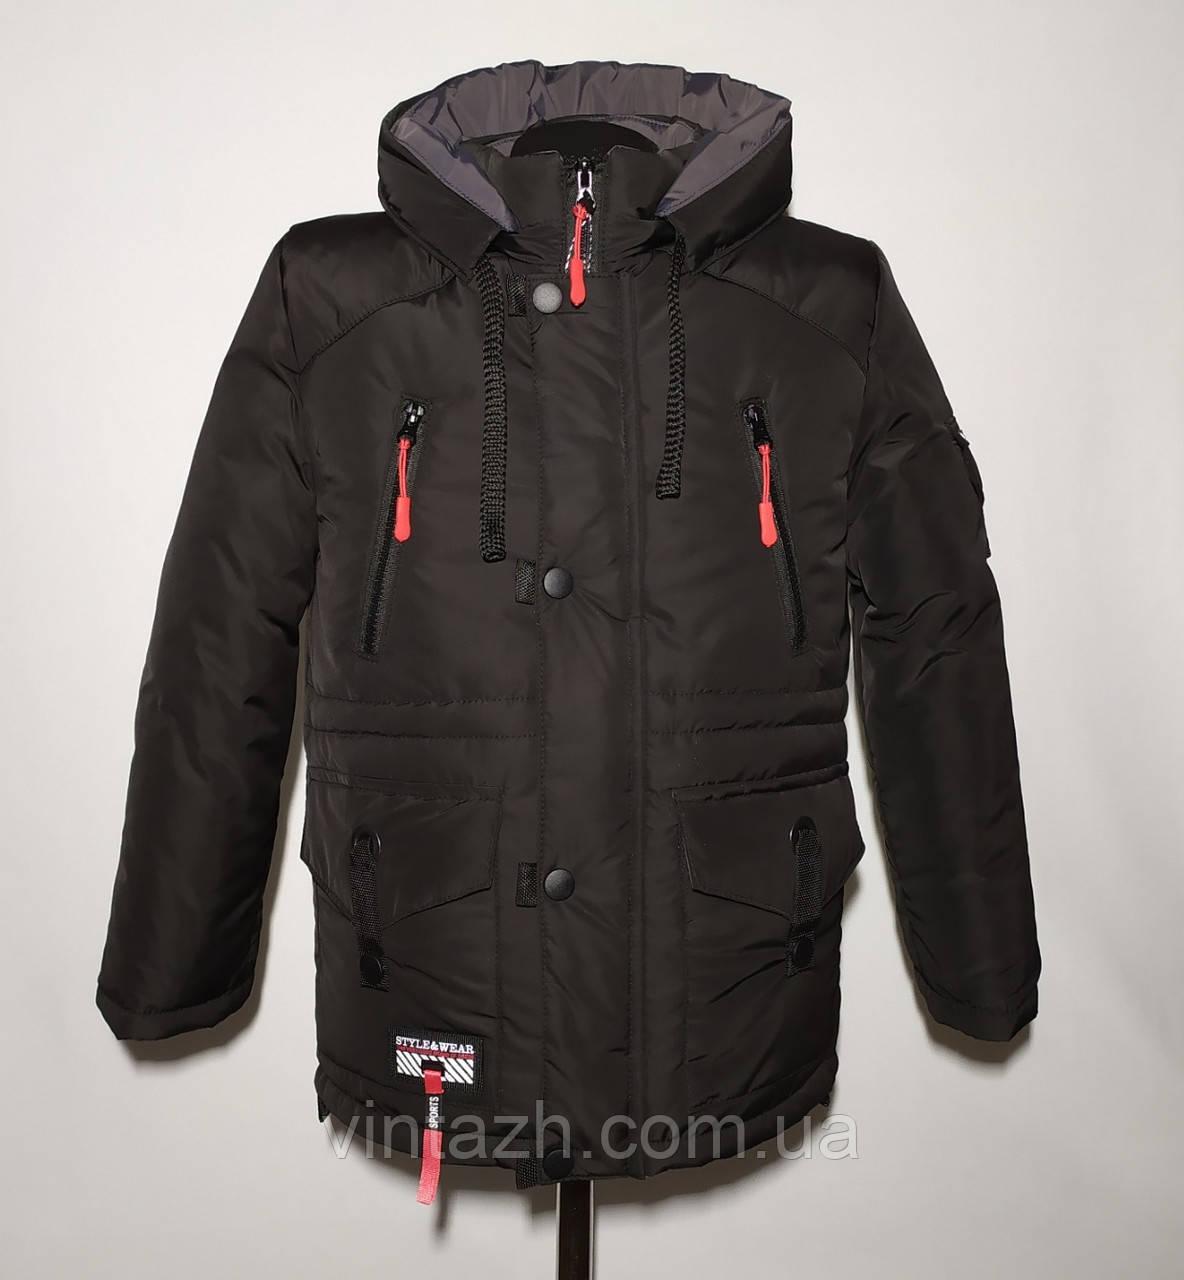 Тепла куртка на зиму для хлопчика на ріст 98-134